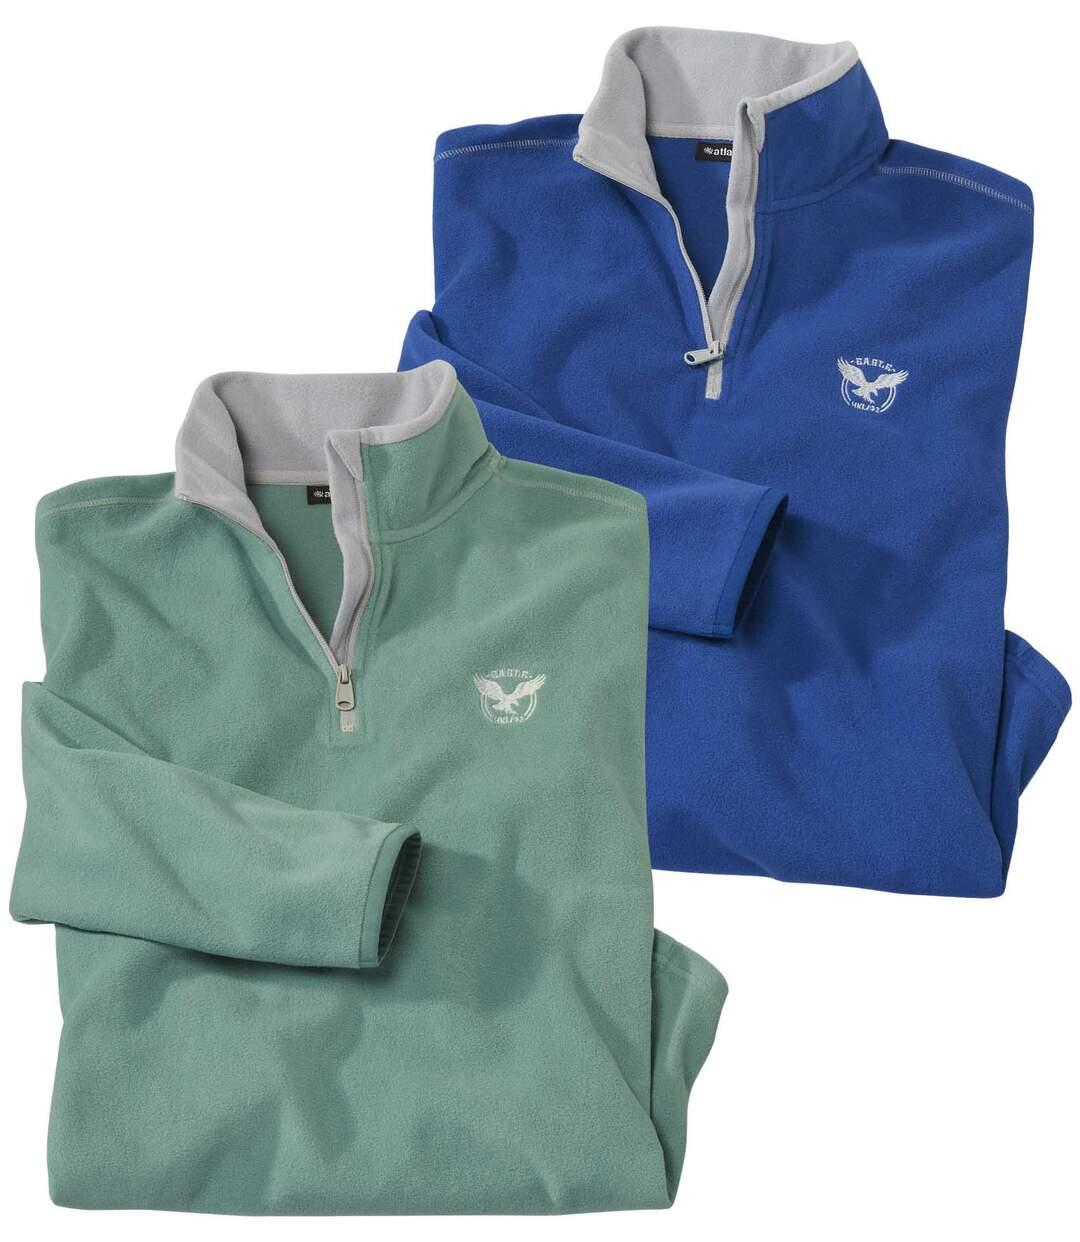 Set van 2 Eagle sweaters van microfleece